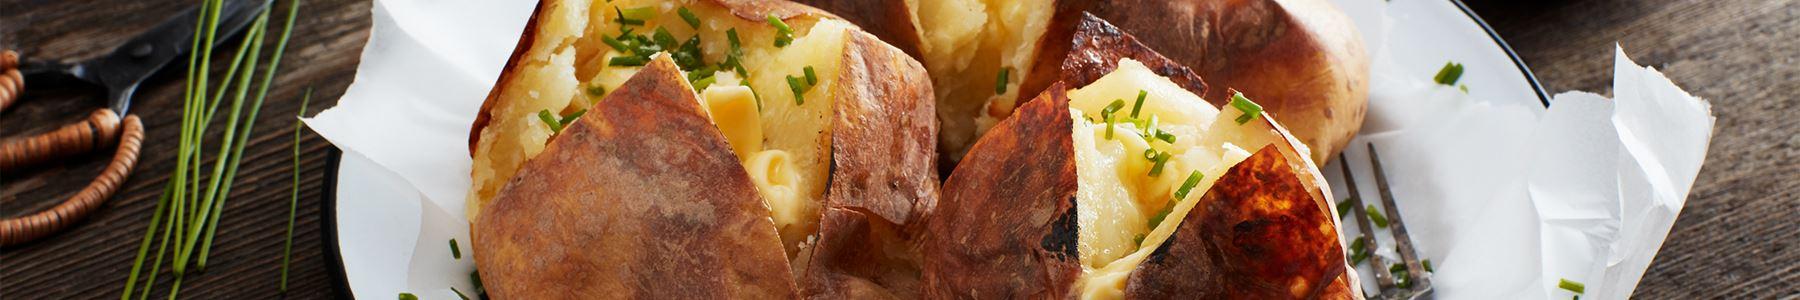 Potatis + Tillbehör + I ugn